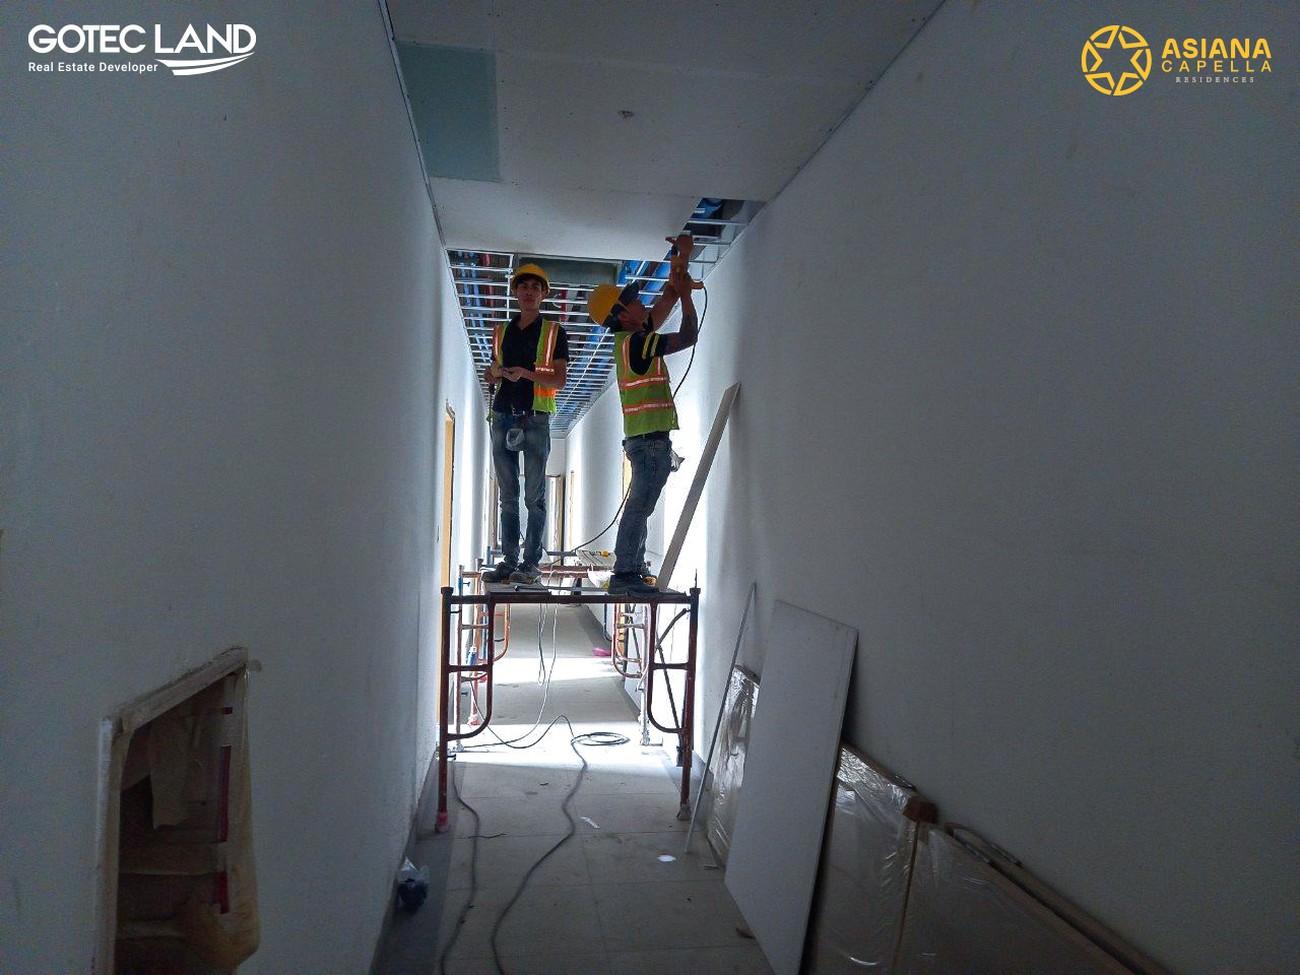 Tiến độ dự án căn hộ  Asiana Capella Quận 6 đường Trần Văn Kiểu vào tháng 04/2021